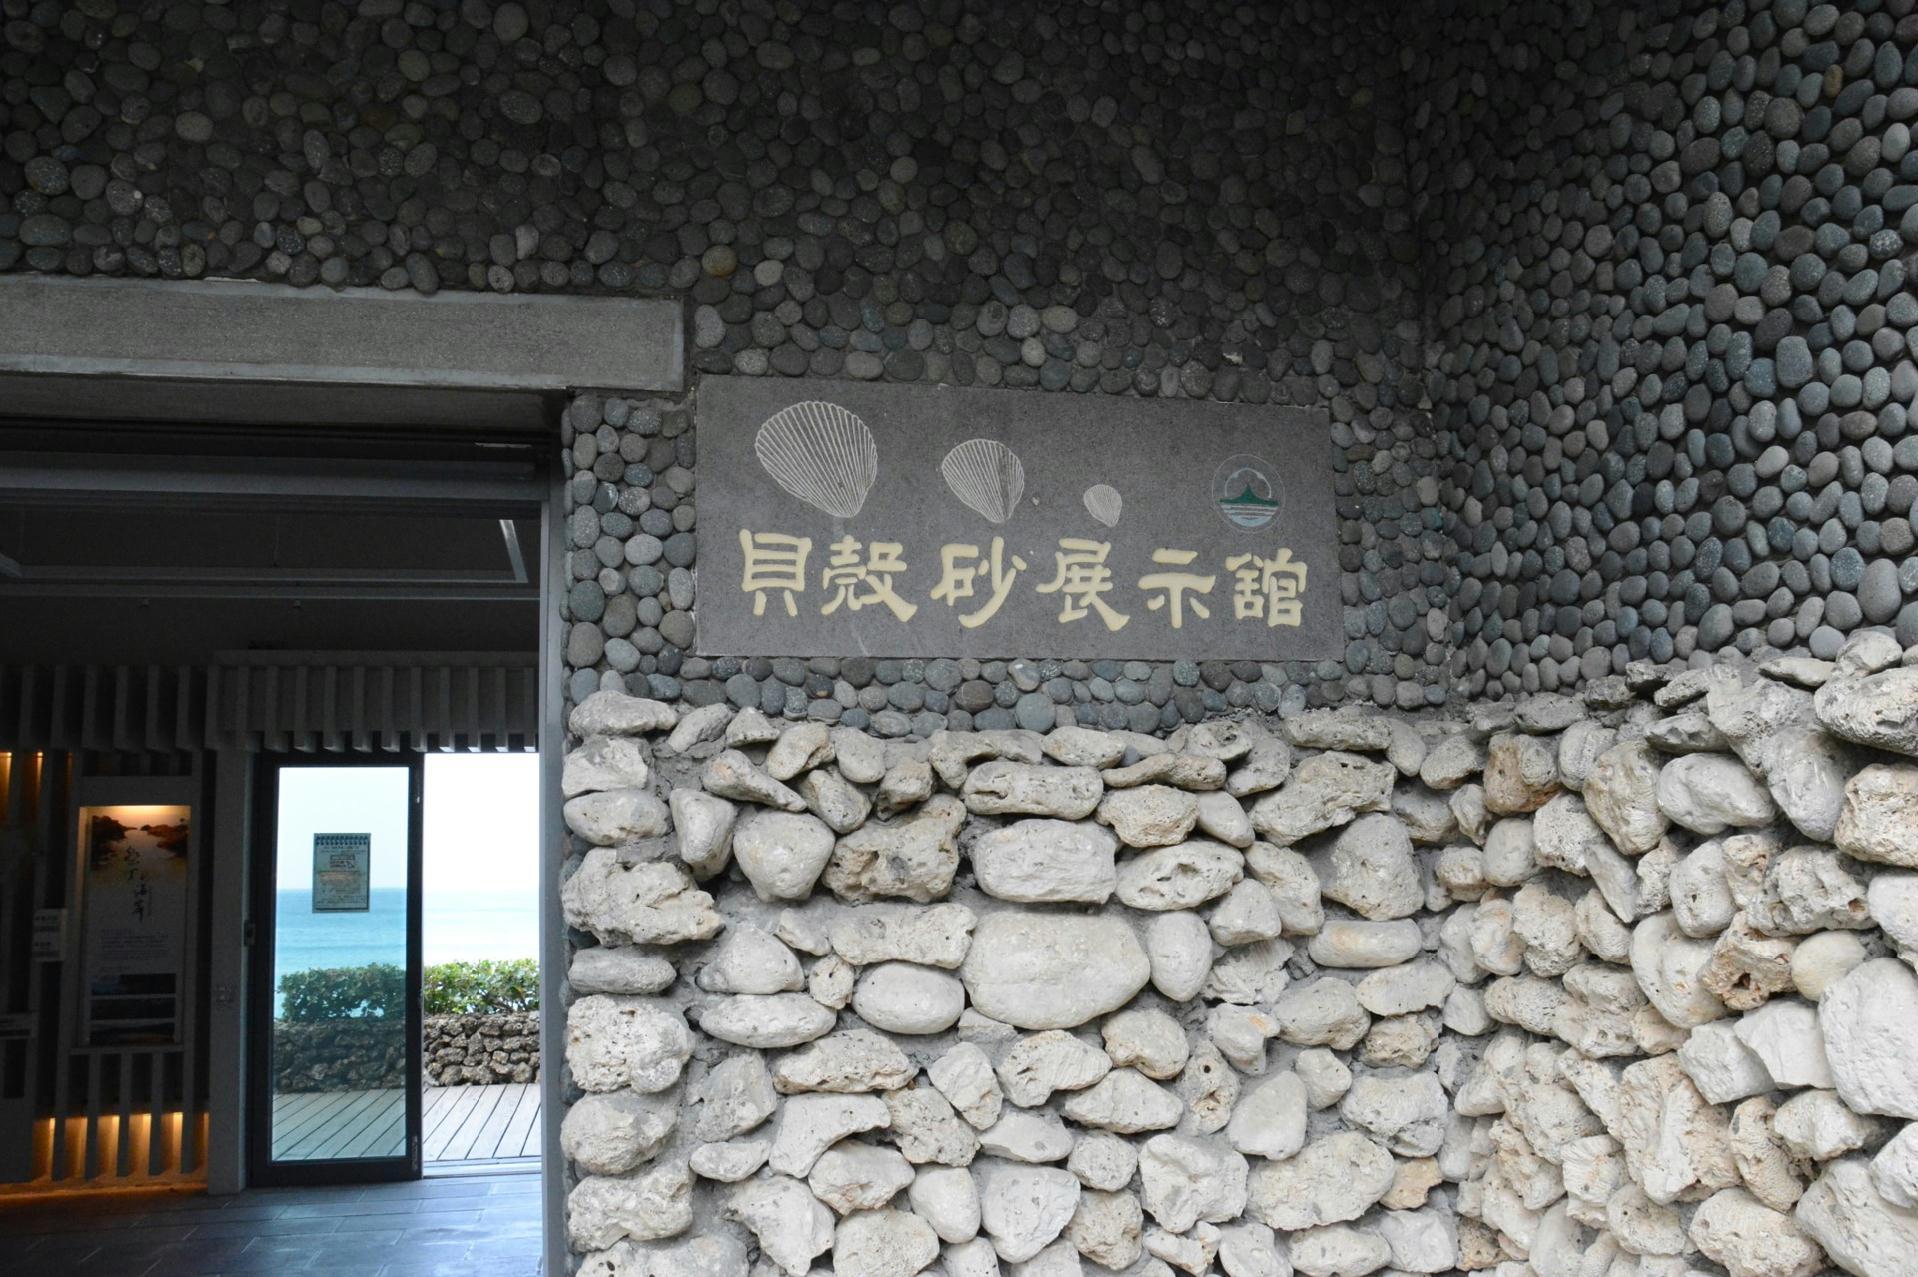 砂岛贝壳砂展示馆